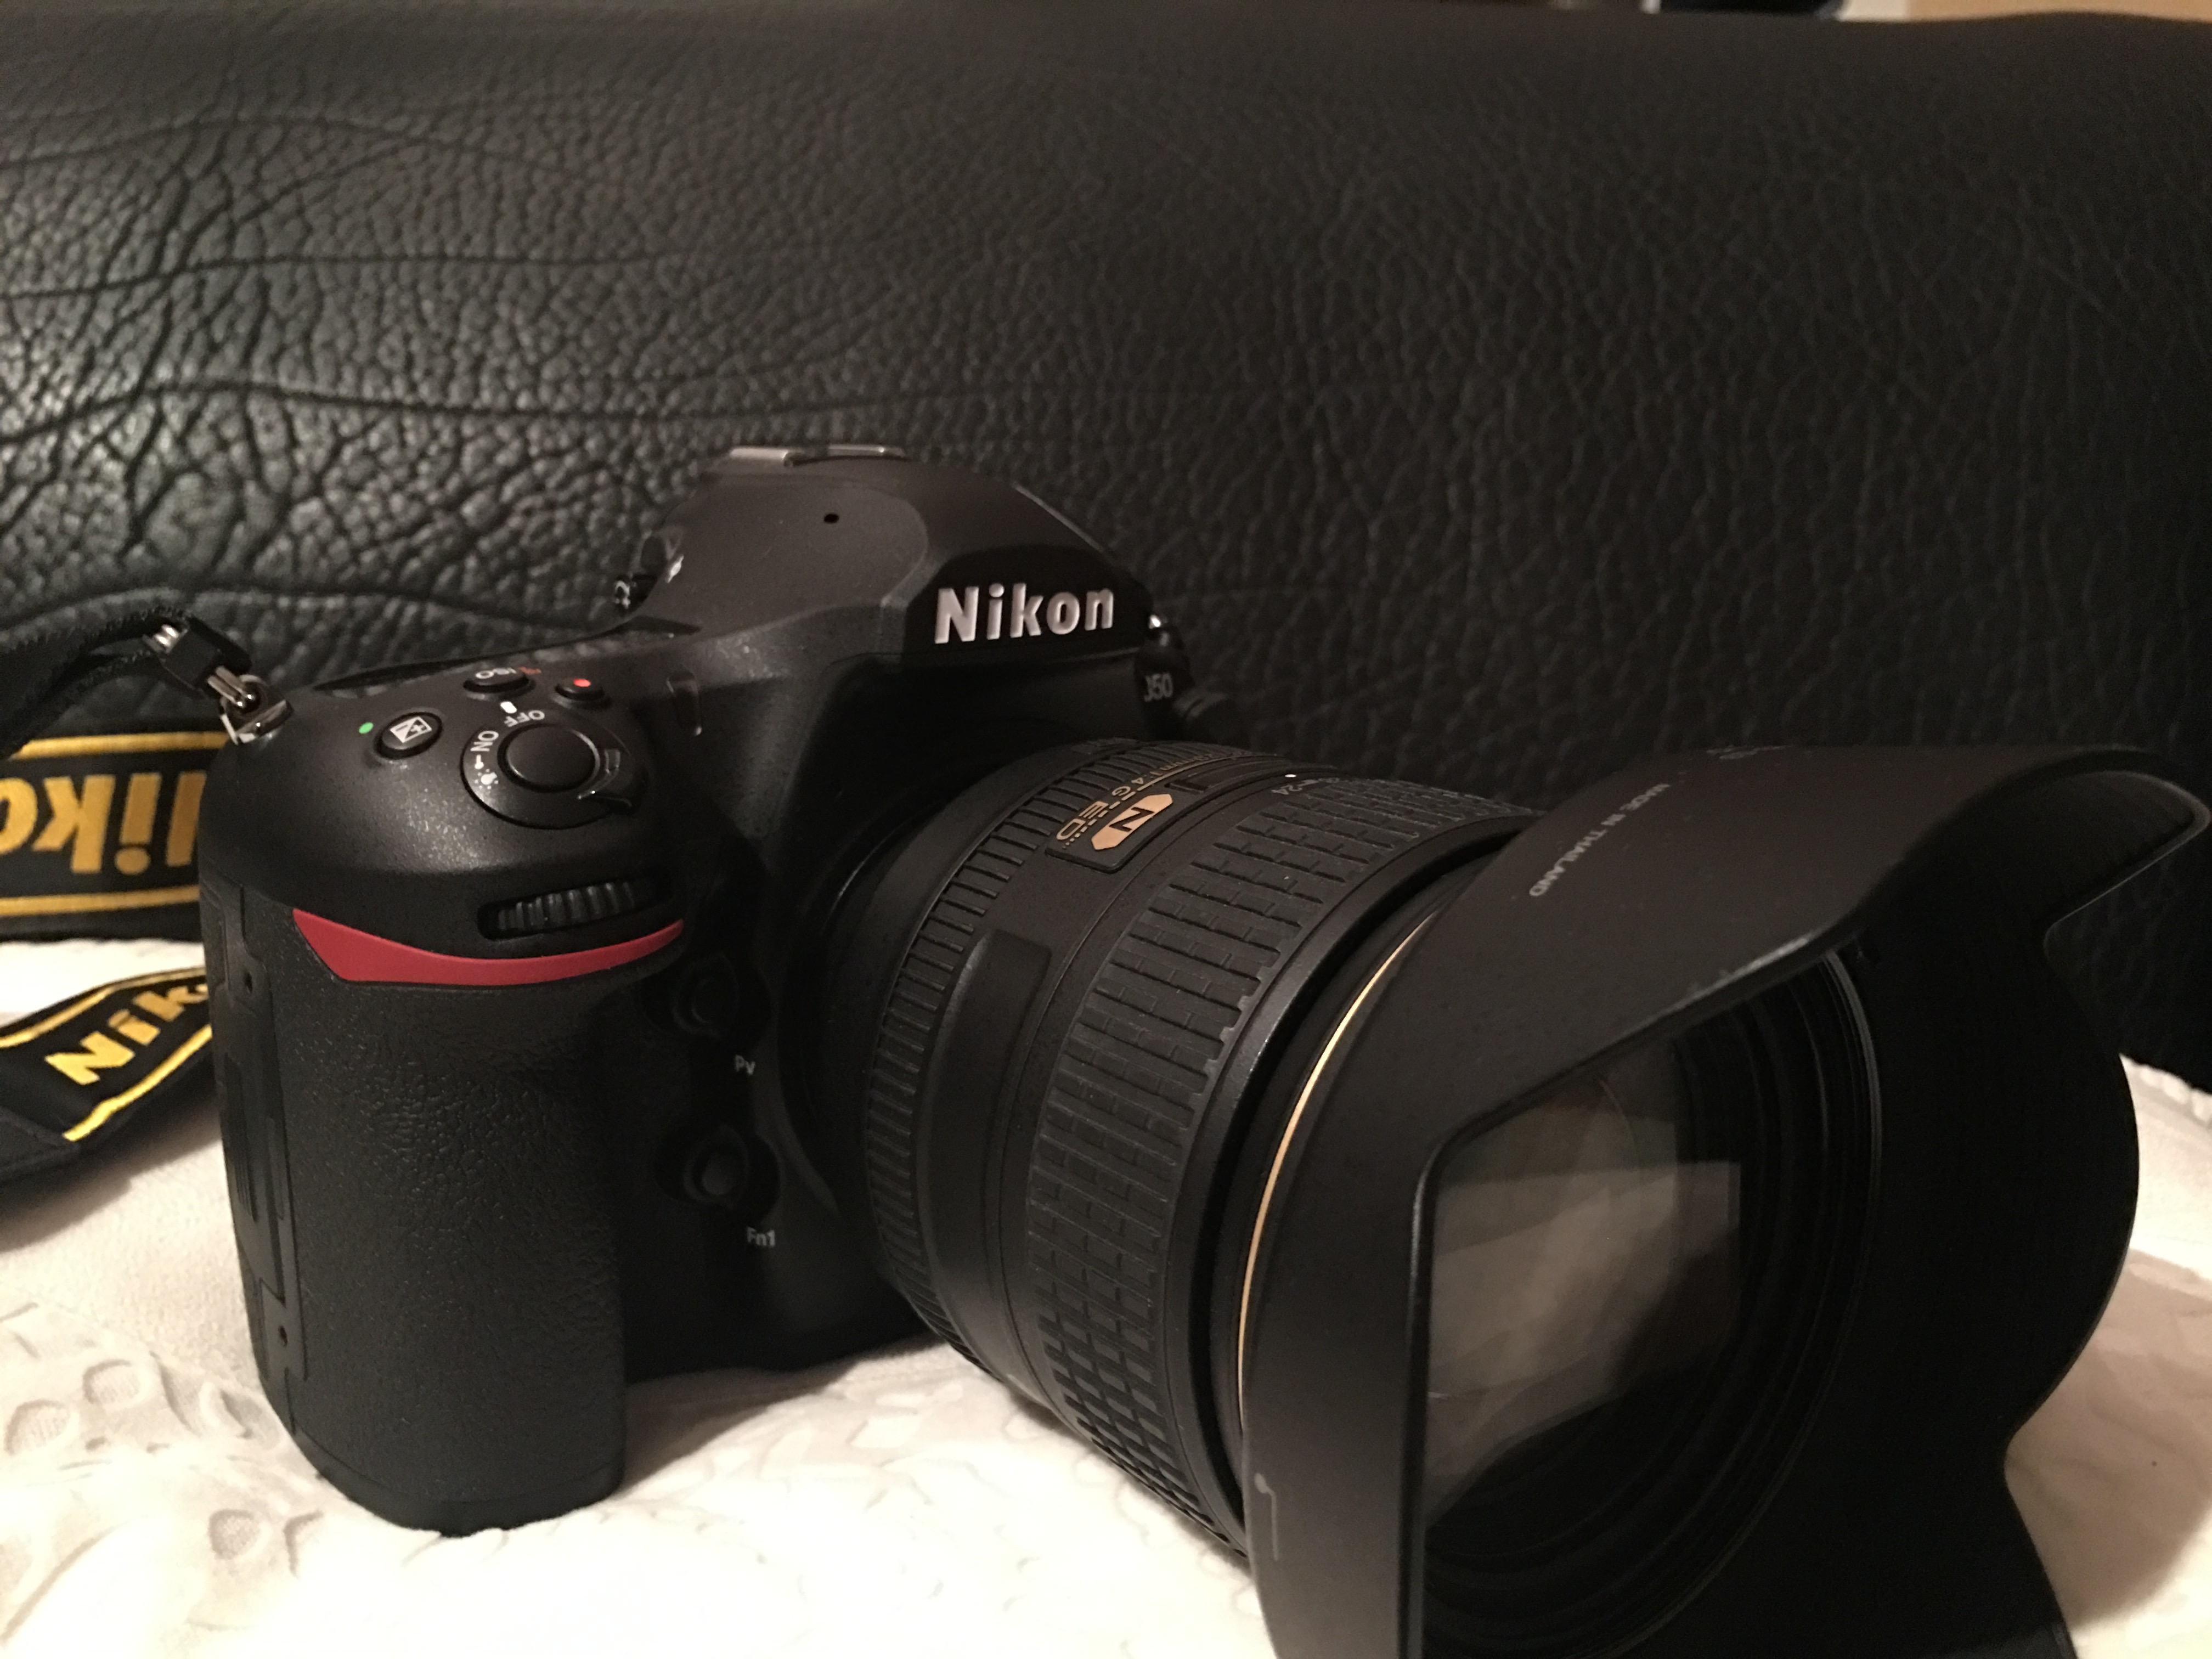 Ott Wyss Ag Fototechnik Nikon D7100 Body Only Paket Um Die Kontaktdaten Zu Sehen Mssen Sie Registriert Und Eingeloggt Sein Klicken Hier Sich Registrieren Einzuloggen